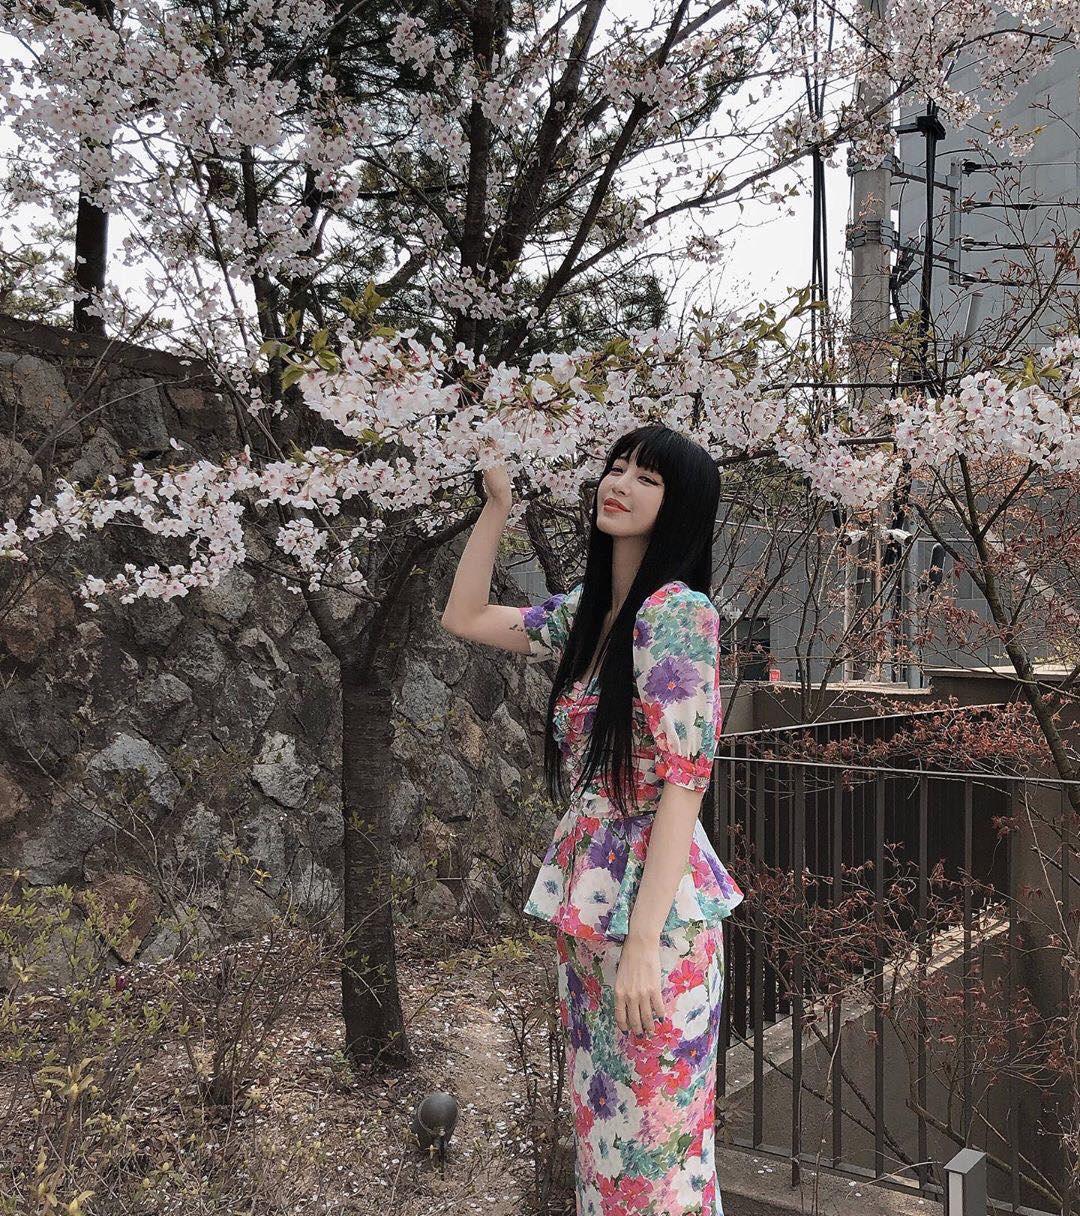 Cùng diện váy sến súa nhưng Han Ye Seul vẫn sang chảnh, quay sang Joy thắm thơm thấy thương  - Ảnh 2.